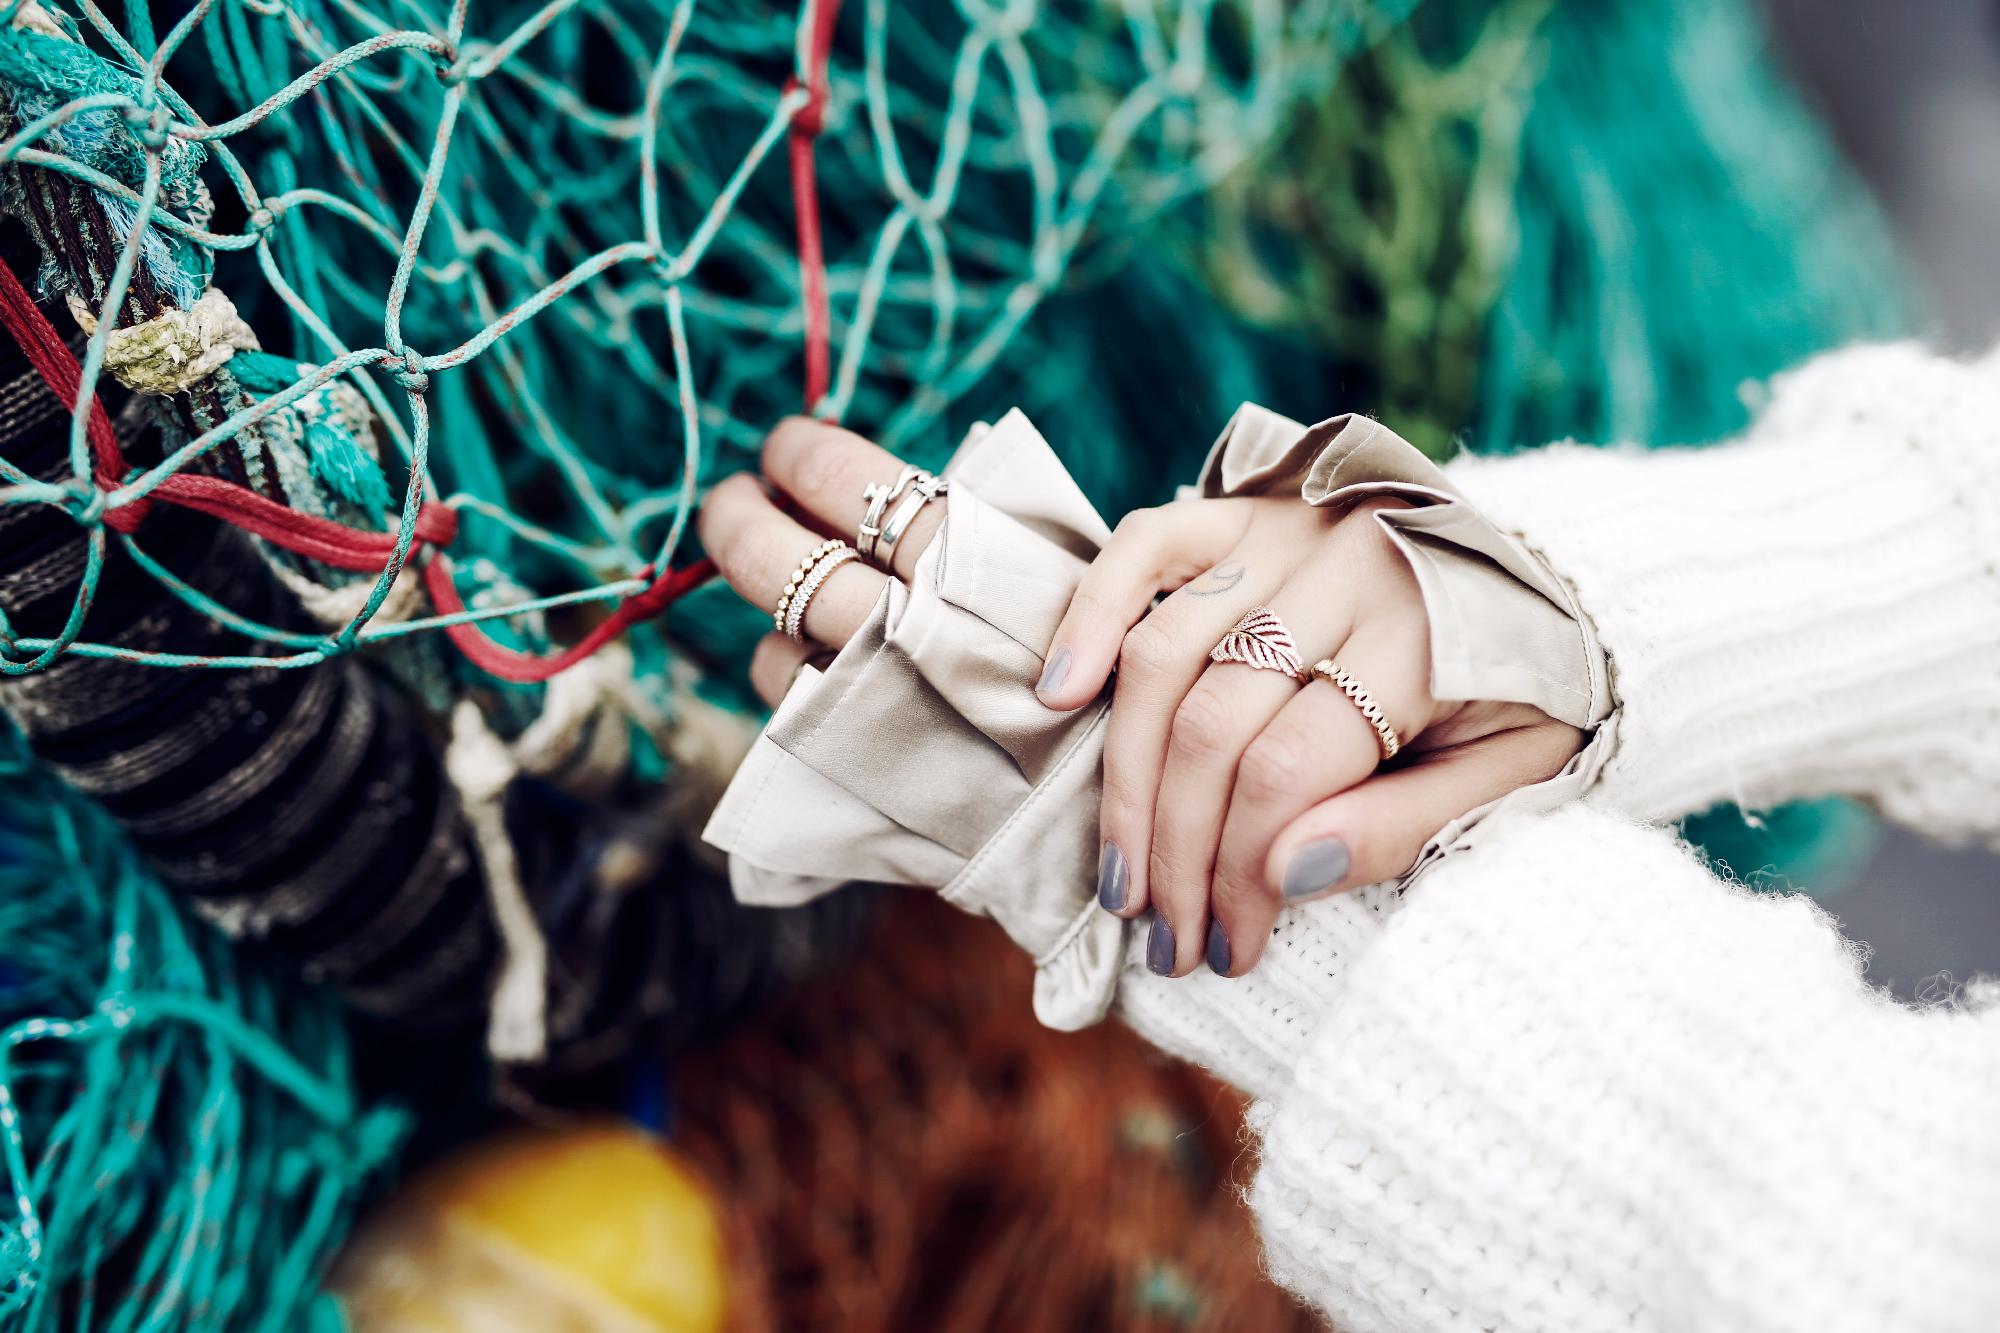 место: Fishnet, Исландия| стиль: шик, горячий, тепо, удобный, сексуальный | высокая мода